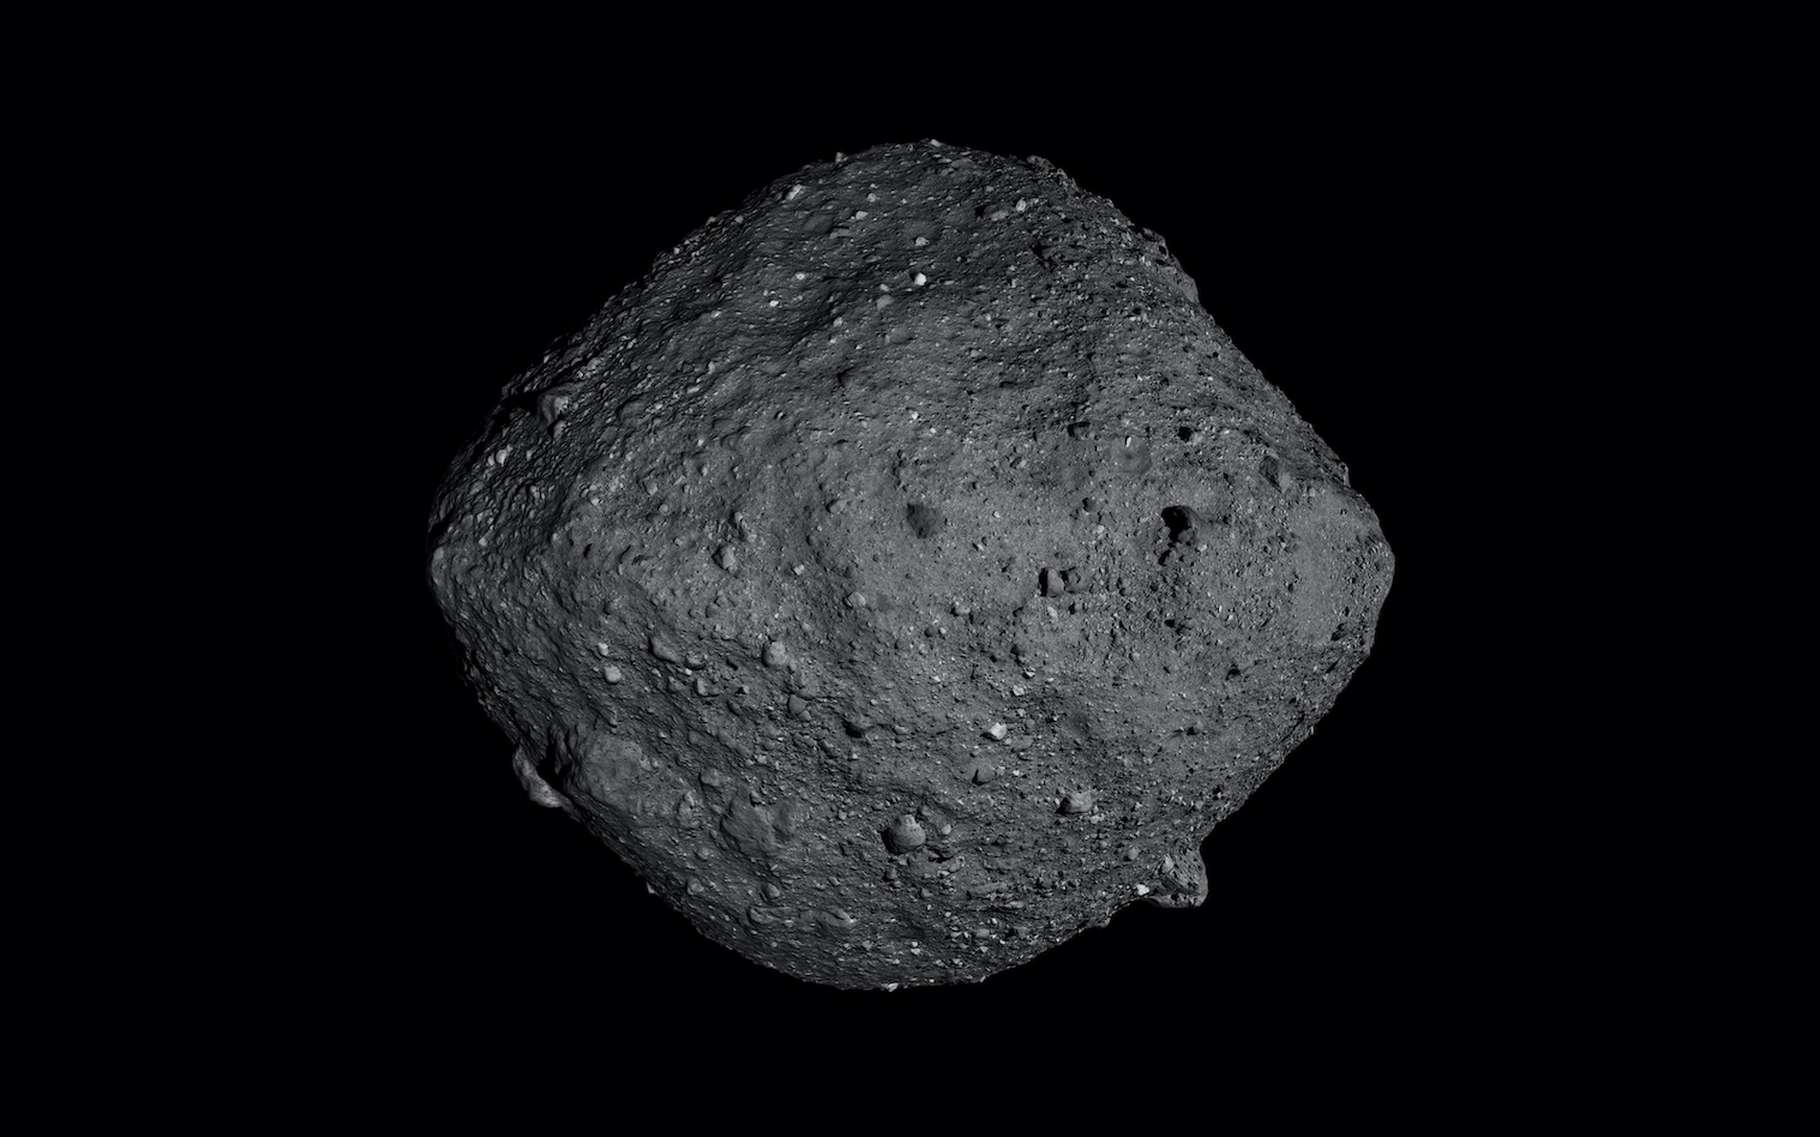 Les ingénieurs de la Nasa se préparent à poser la sonde Osiris-Rex sur l'astéroïde Bennu afin de prélever des échantillons de roche. Ce sera le 20 octobre prochain. © Nasa, Goddard, SVS